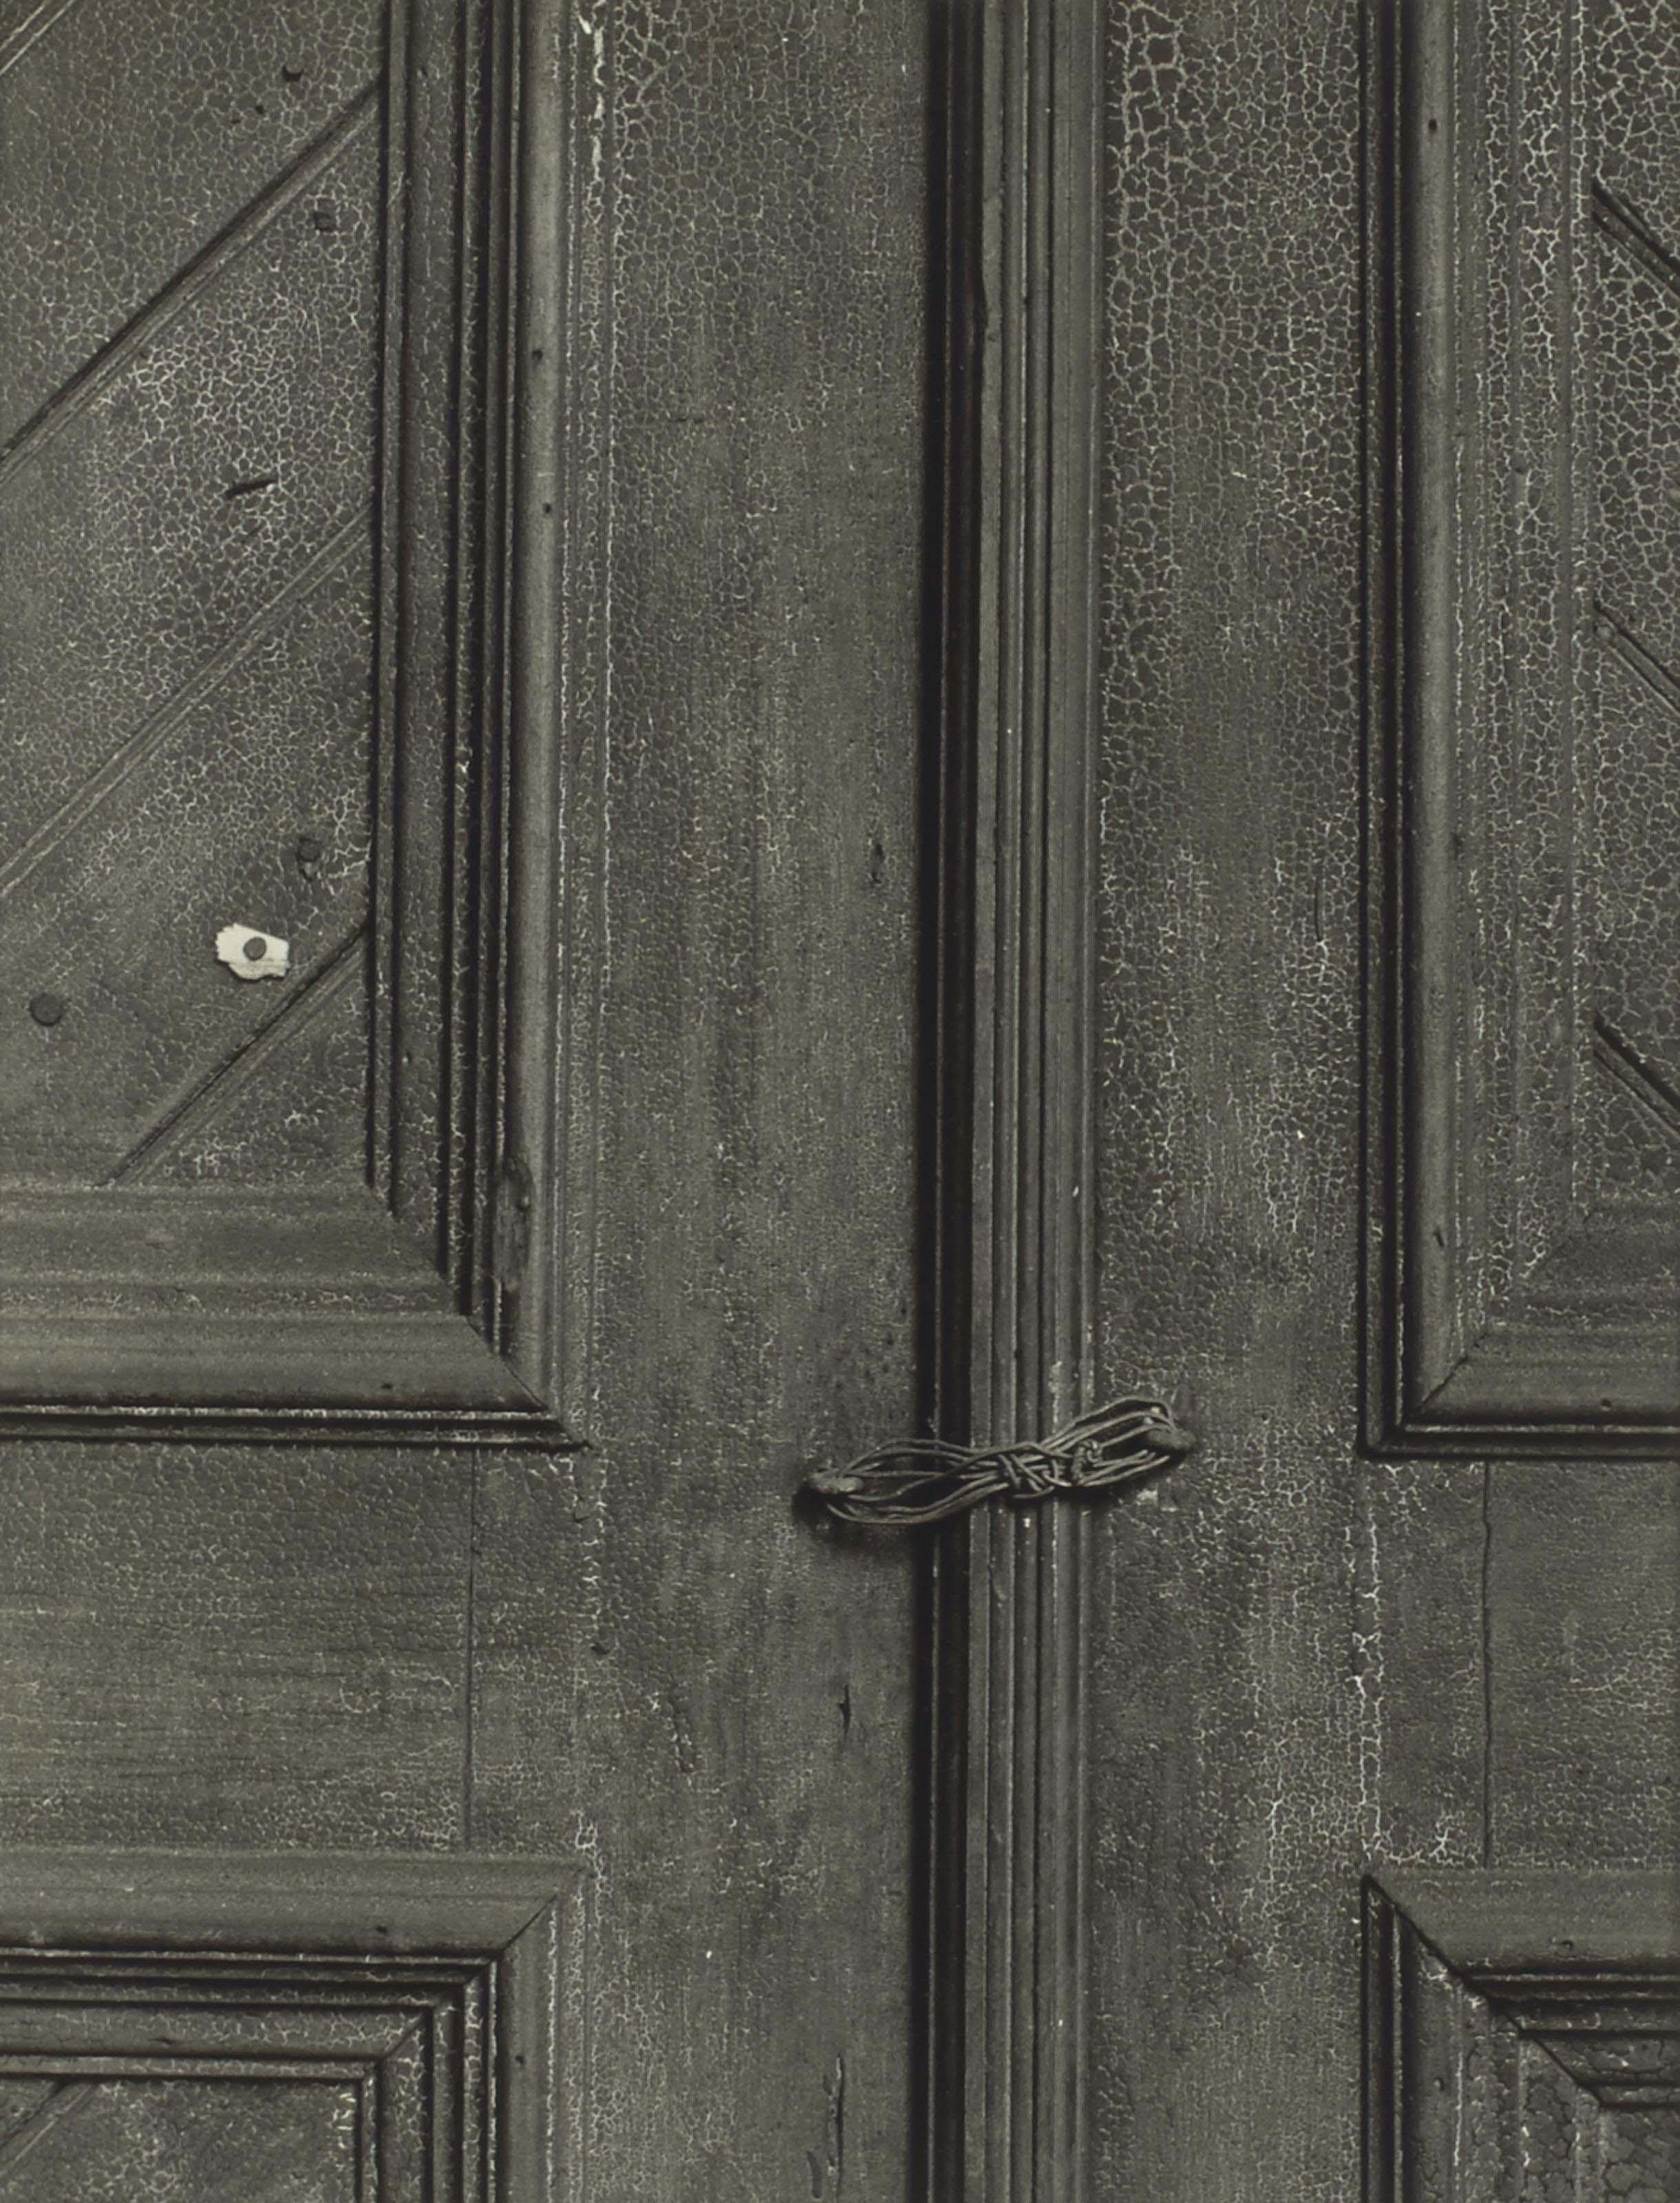 Untitled (Door with Wire), vers 1940